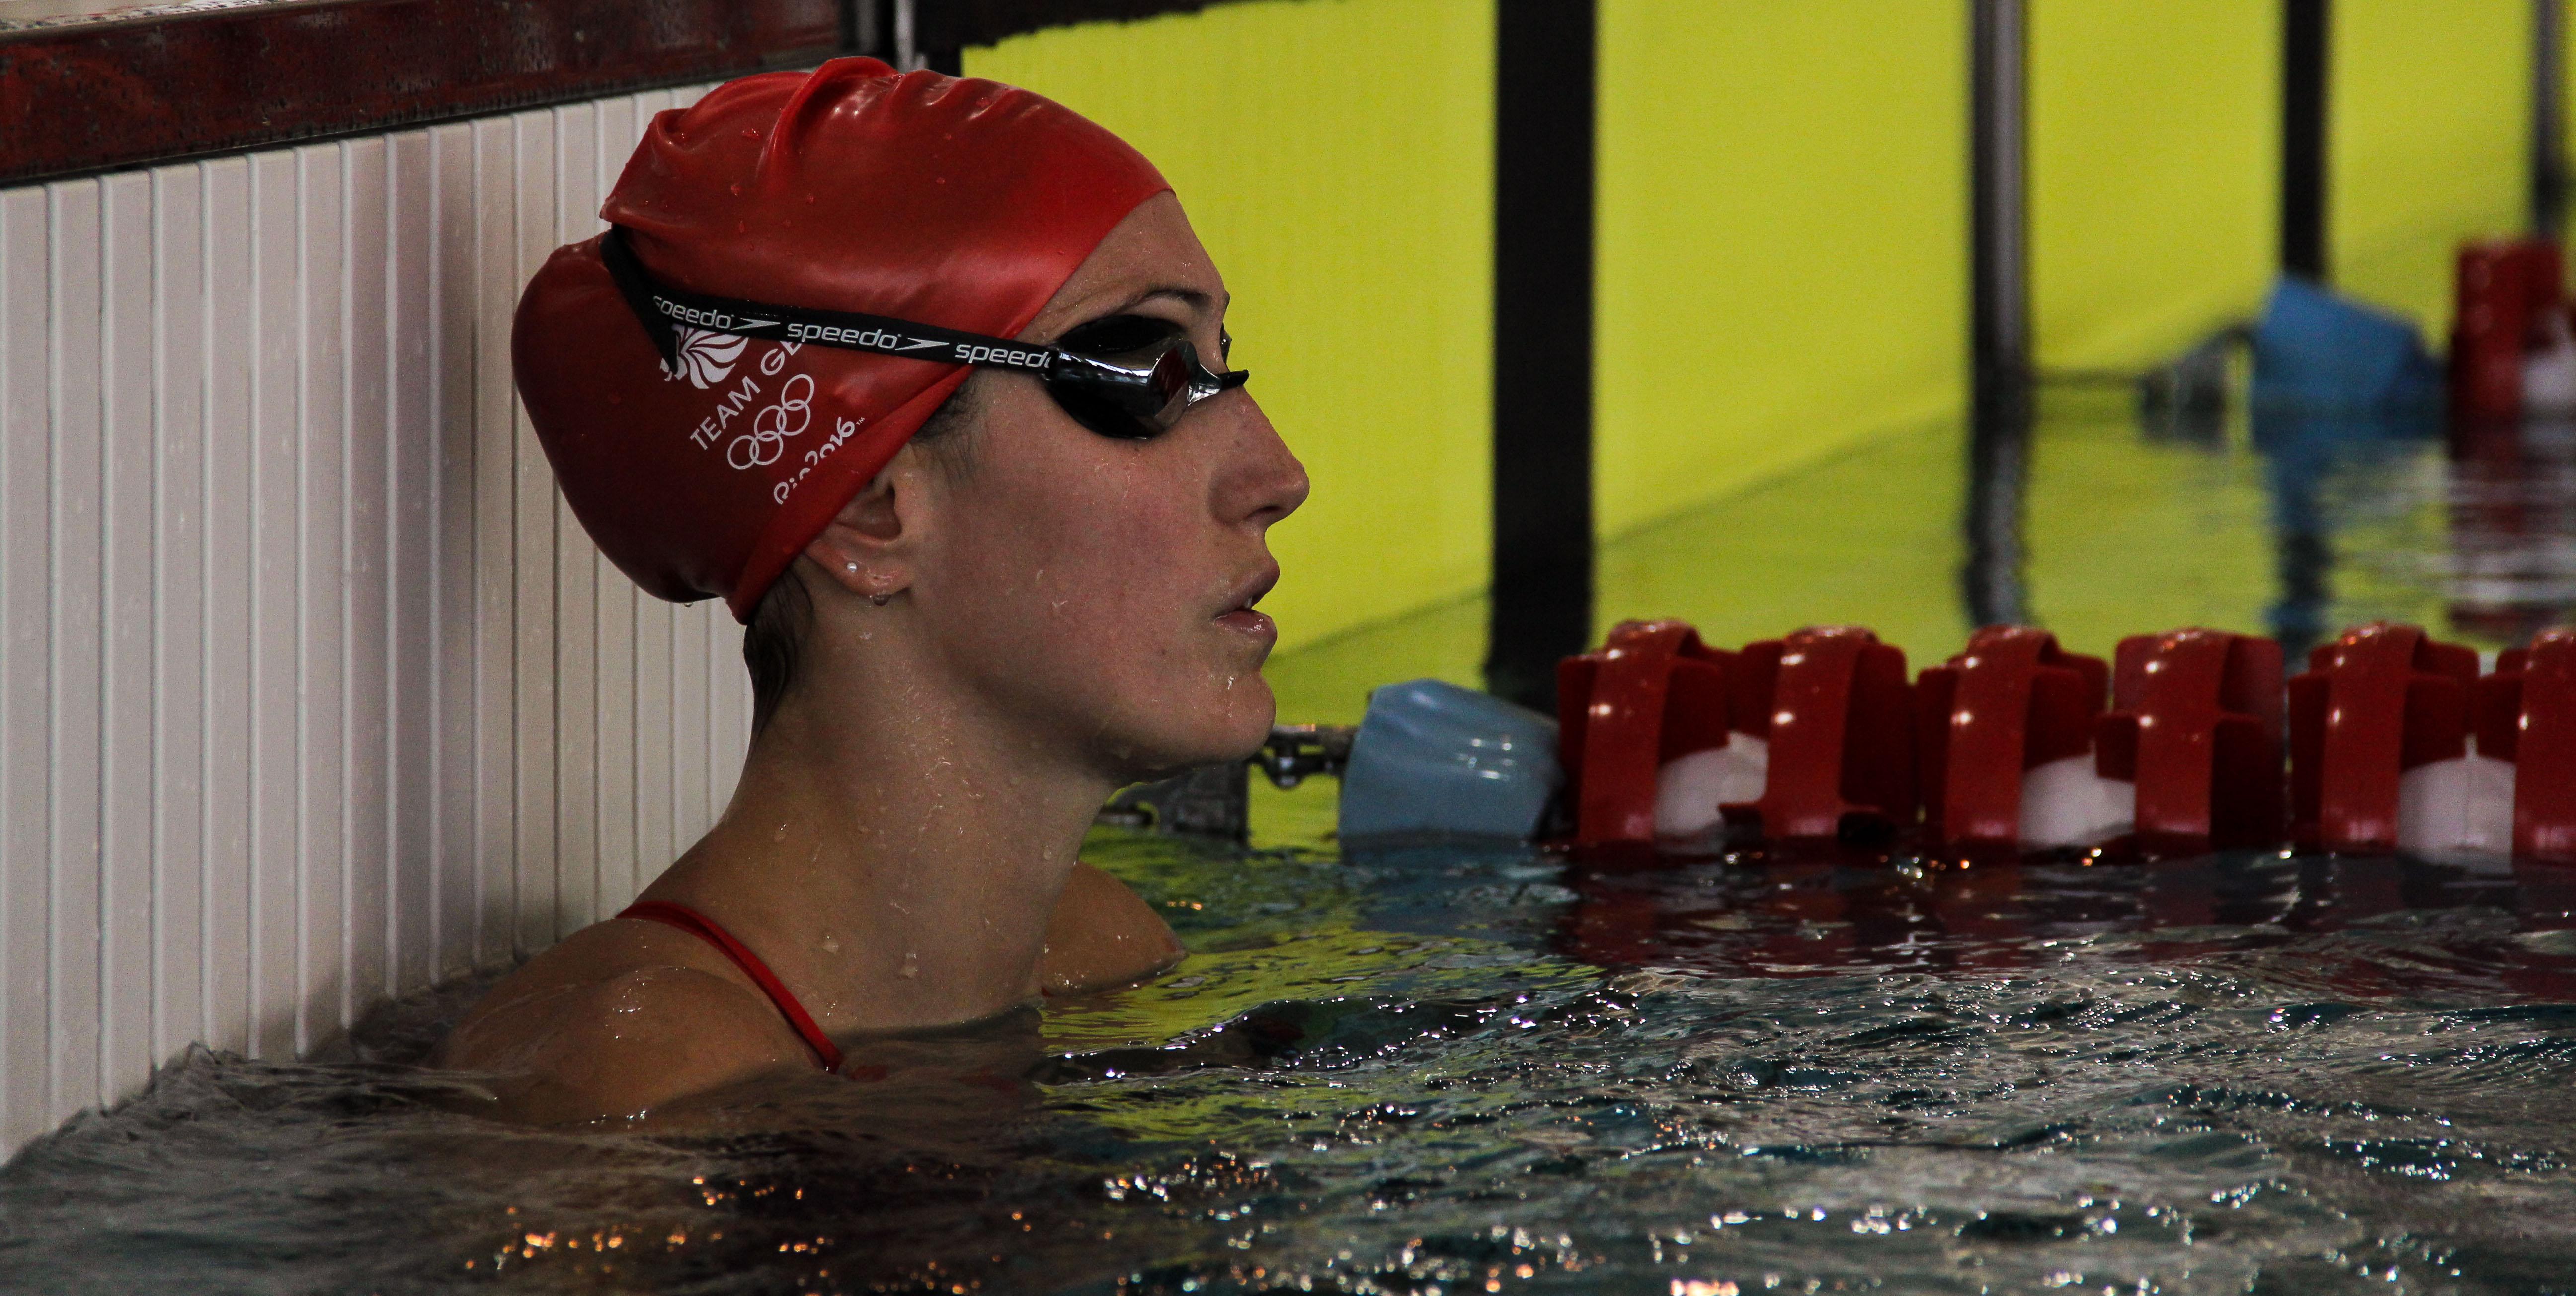 Nadadores do Team GB seguem treinando no CTE